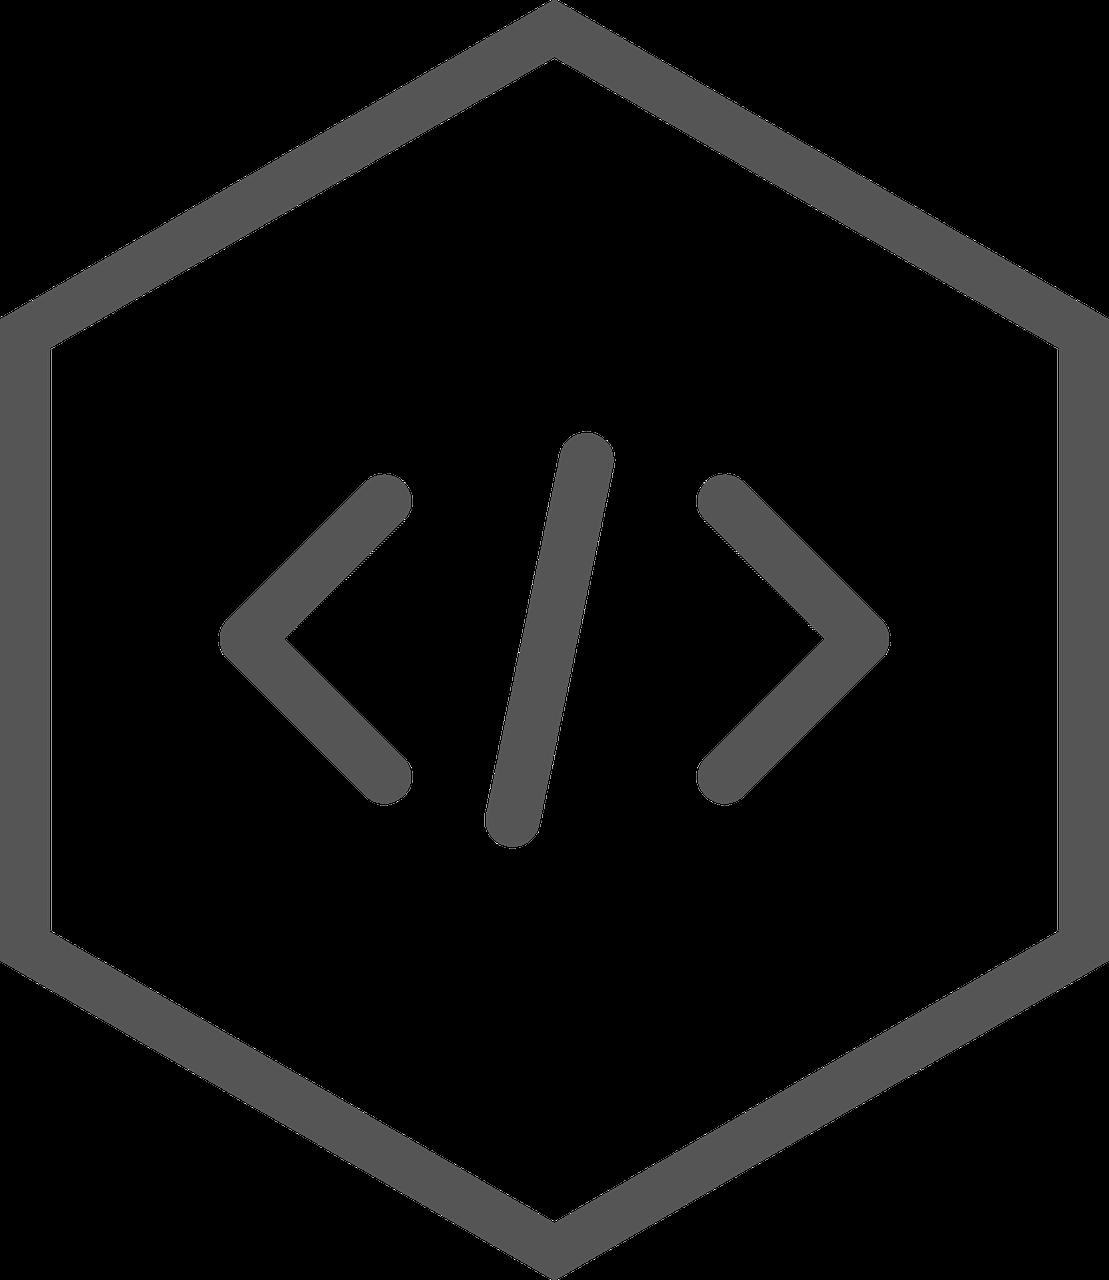 logo ws aanpassen website